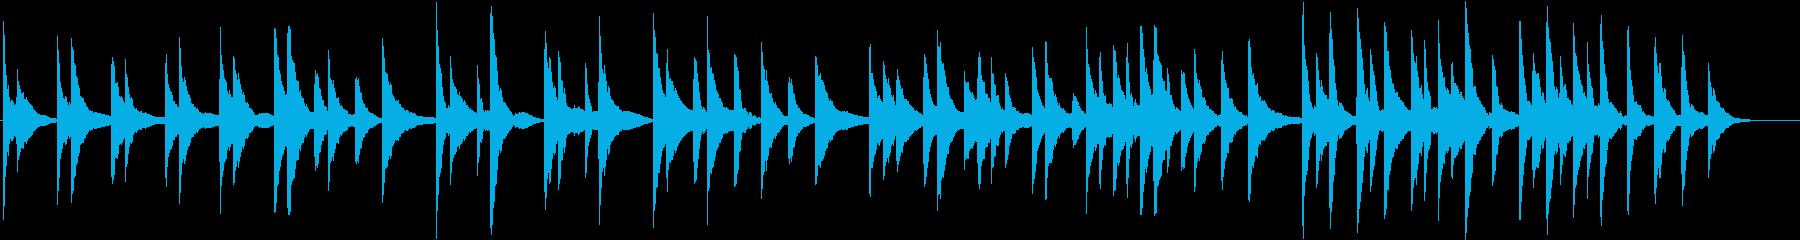 ピアノの音色で作ったシンプルな曲の再生済みの波形